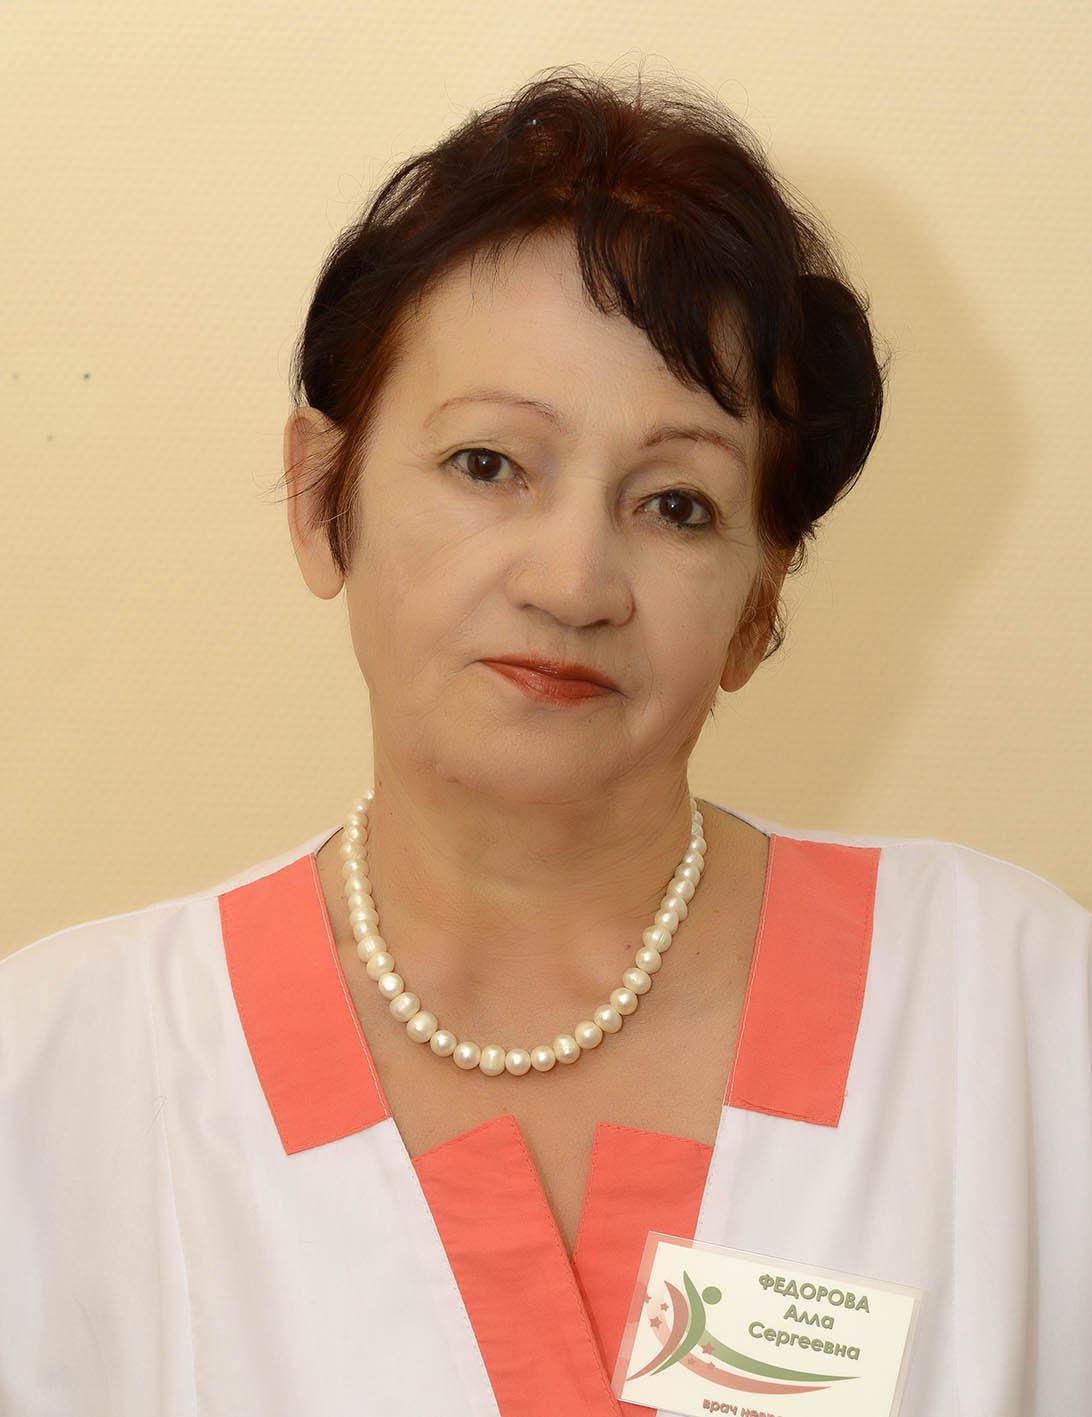 Fedorova